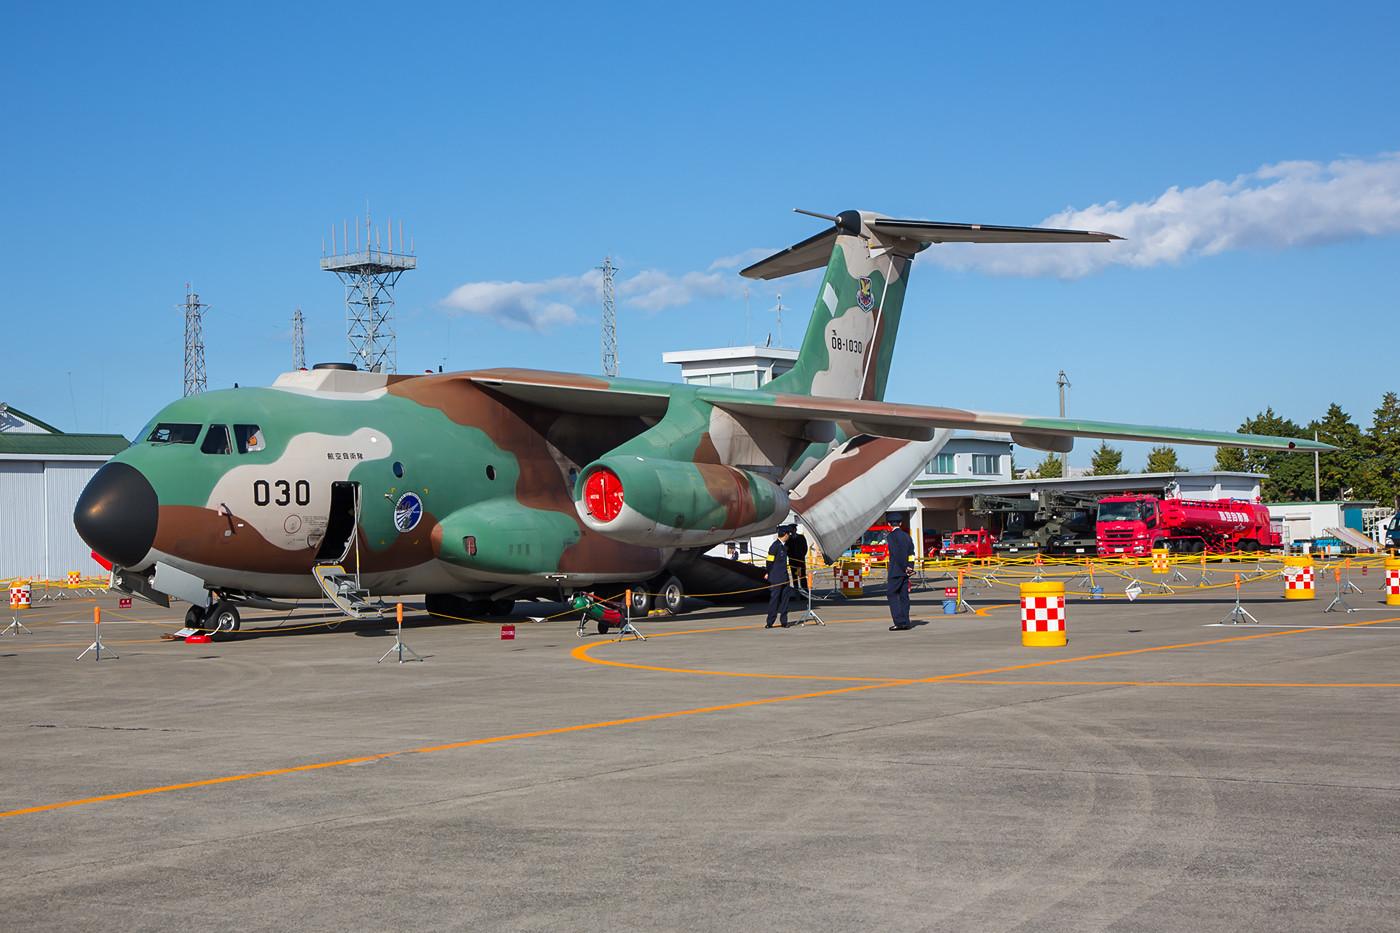 Noch ist die C-1 das Rükgrat der 402 Hikotai in Iruma, die ersten C-2 gingen an die 403 Hikotai in Miho.